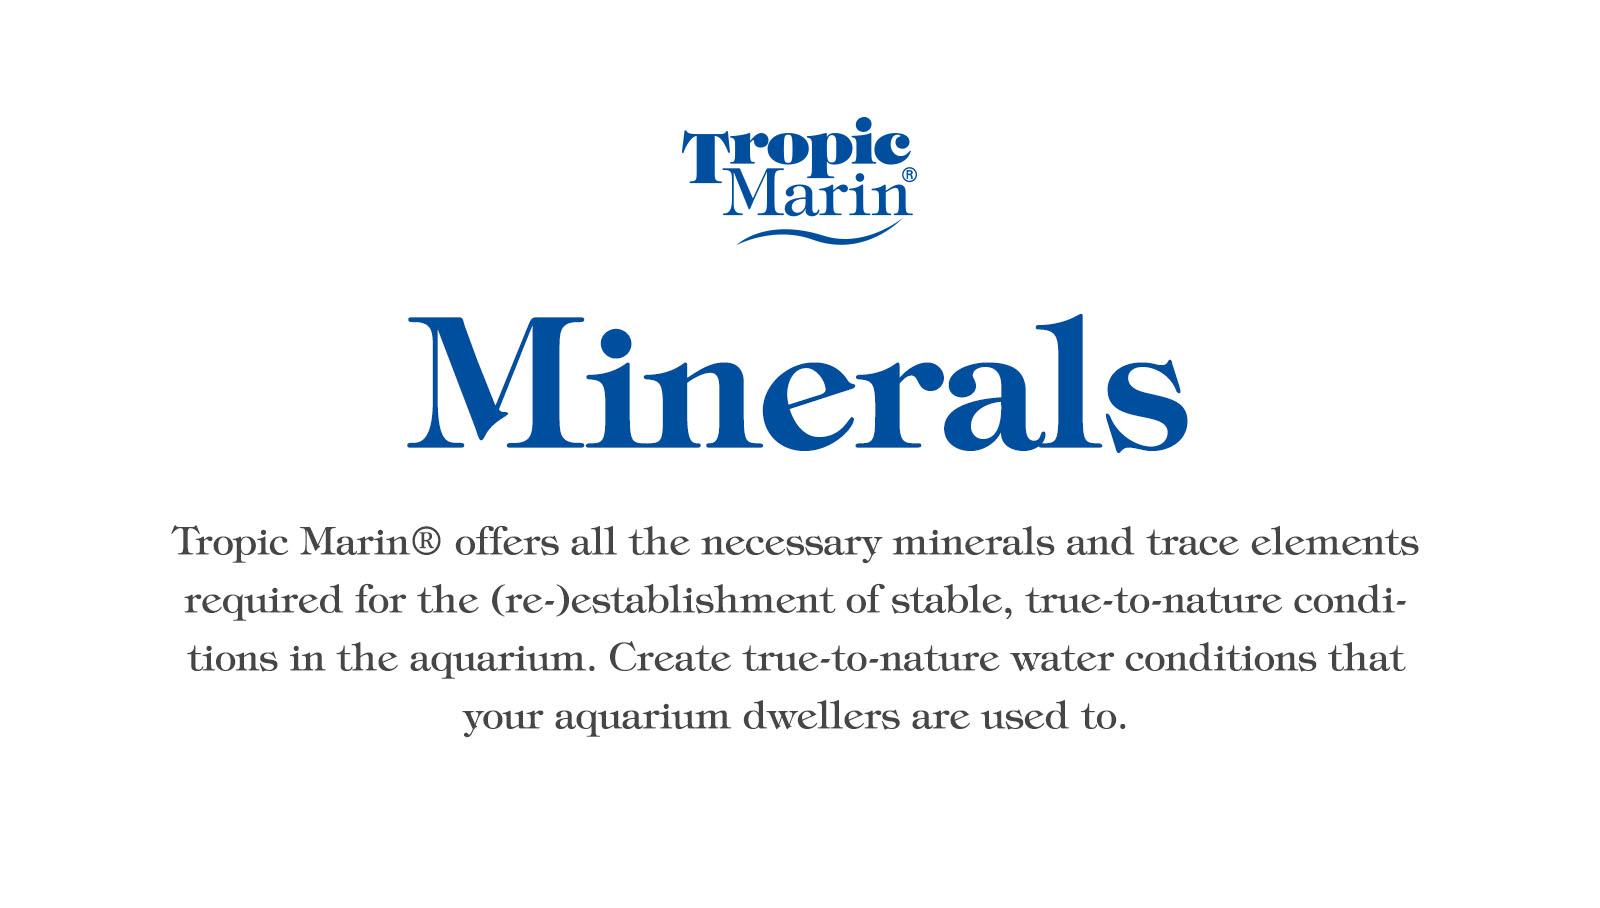 Tropic Marin Minerals